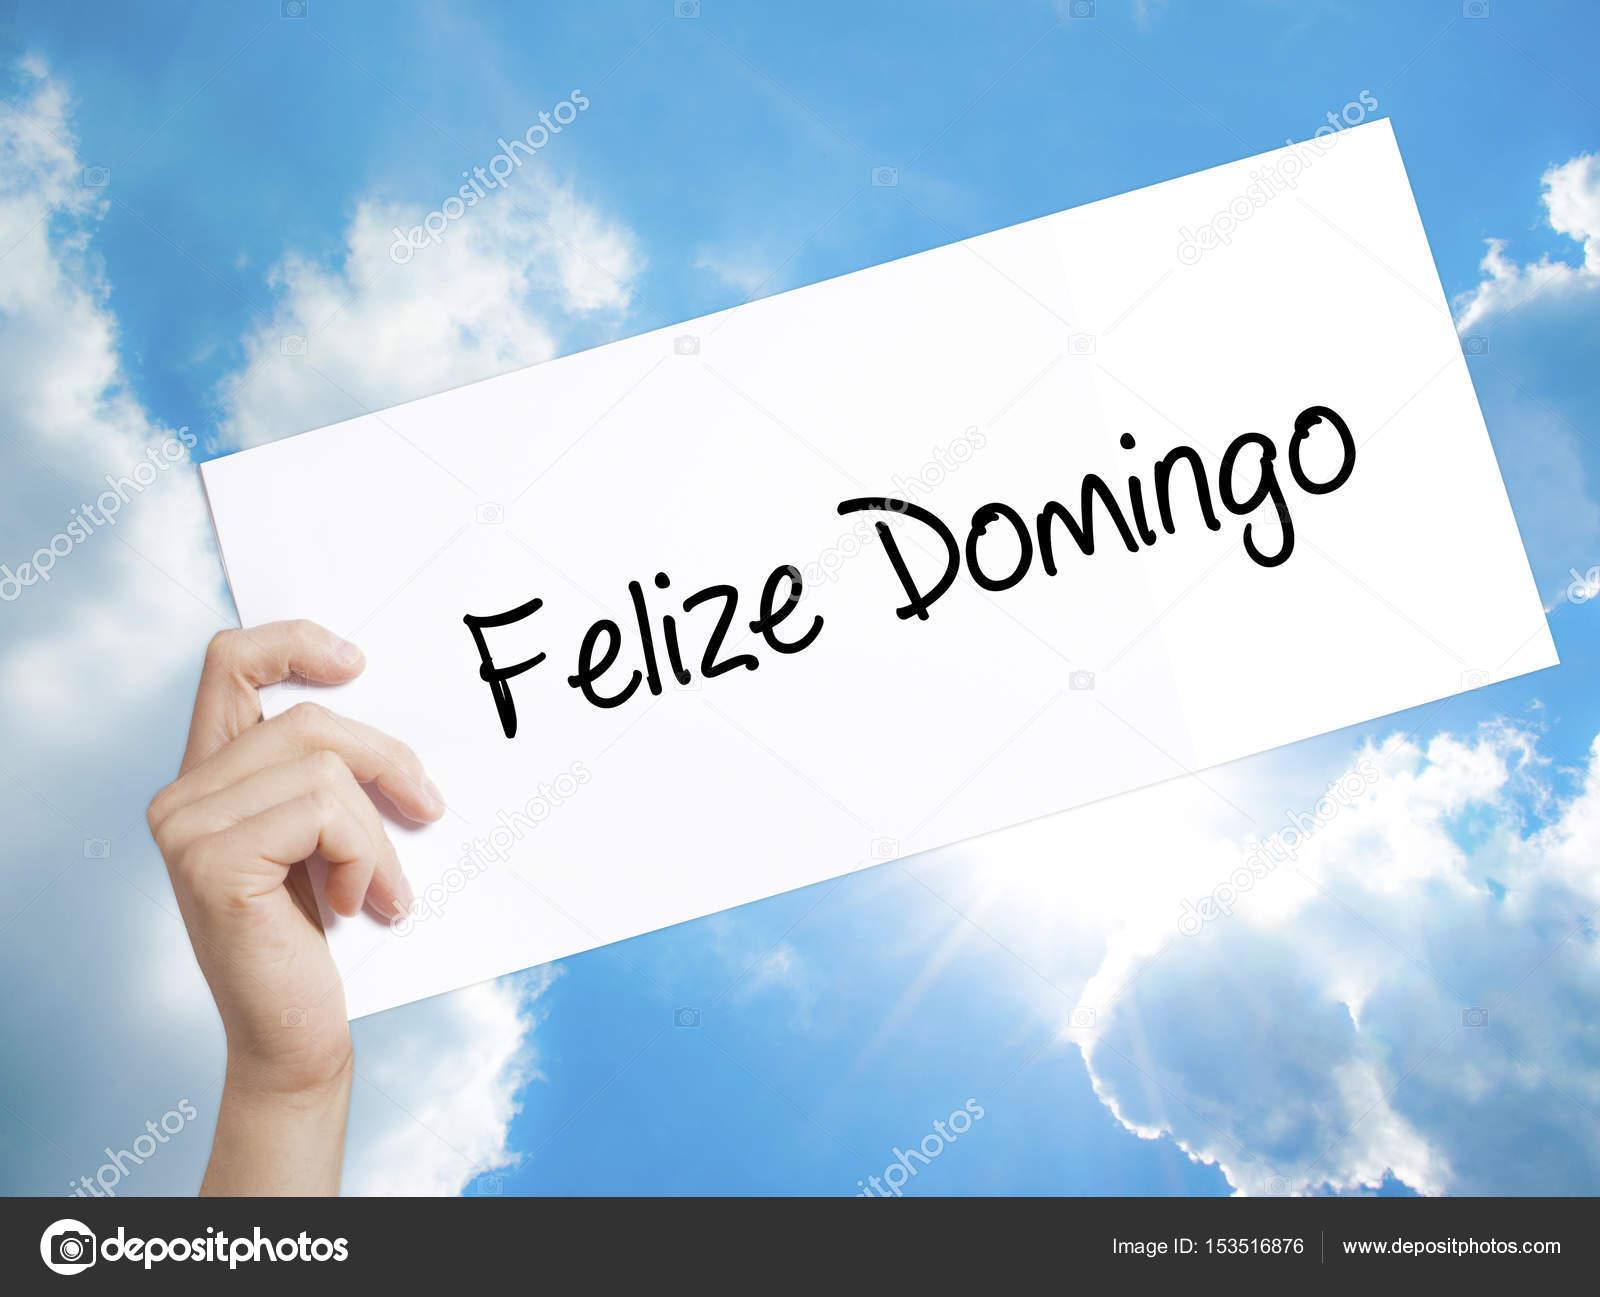 Fotos La Felicidad Felize Domingo Feliz Domingo En Español